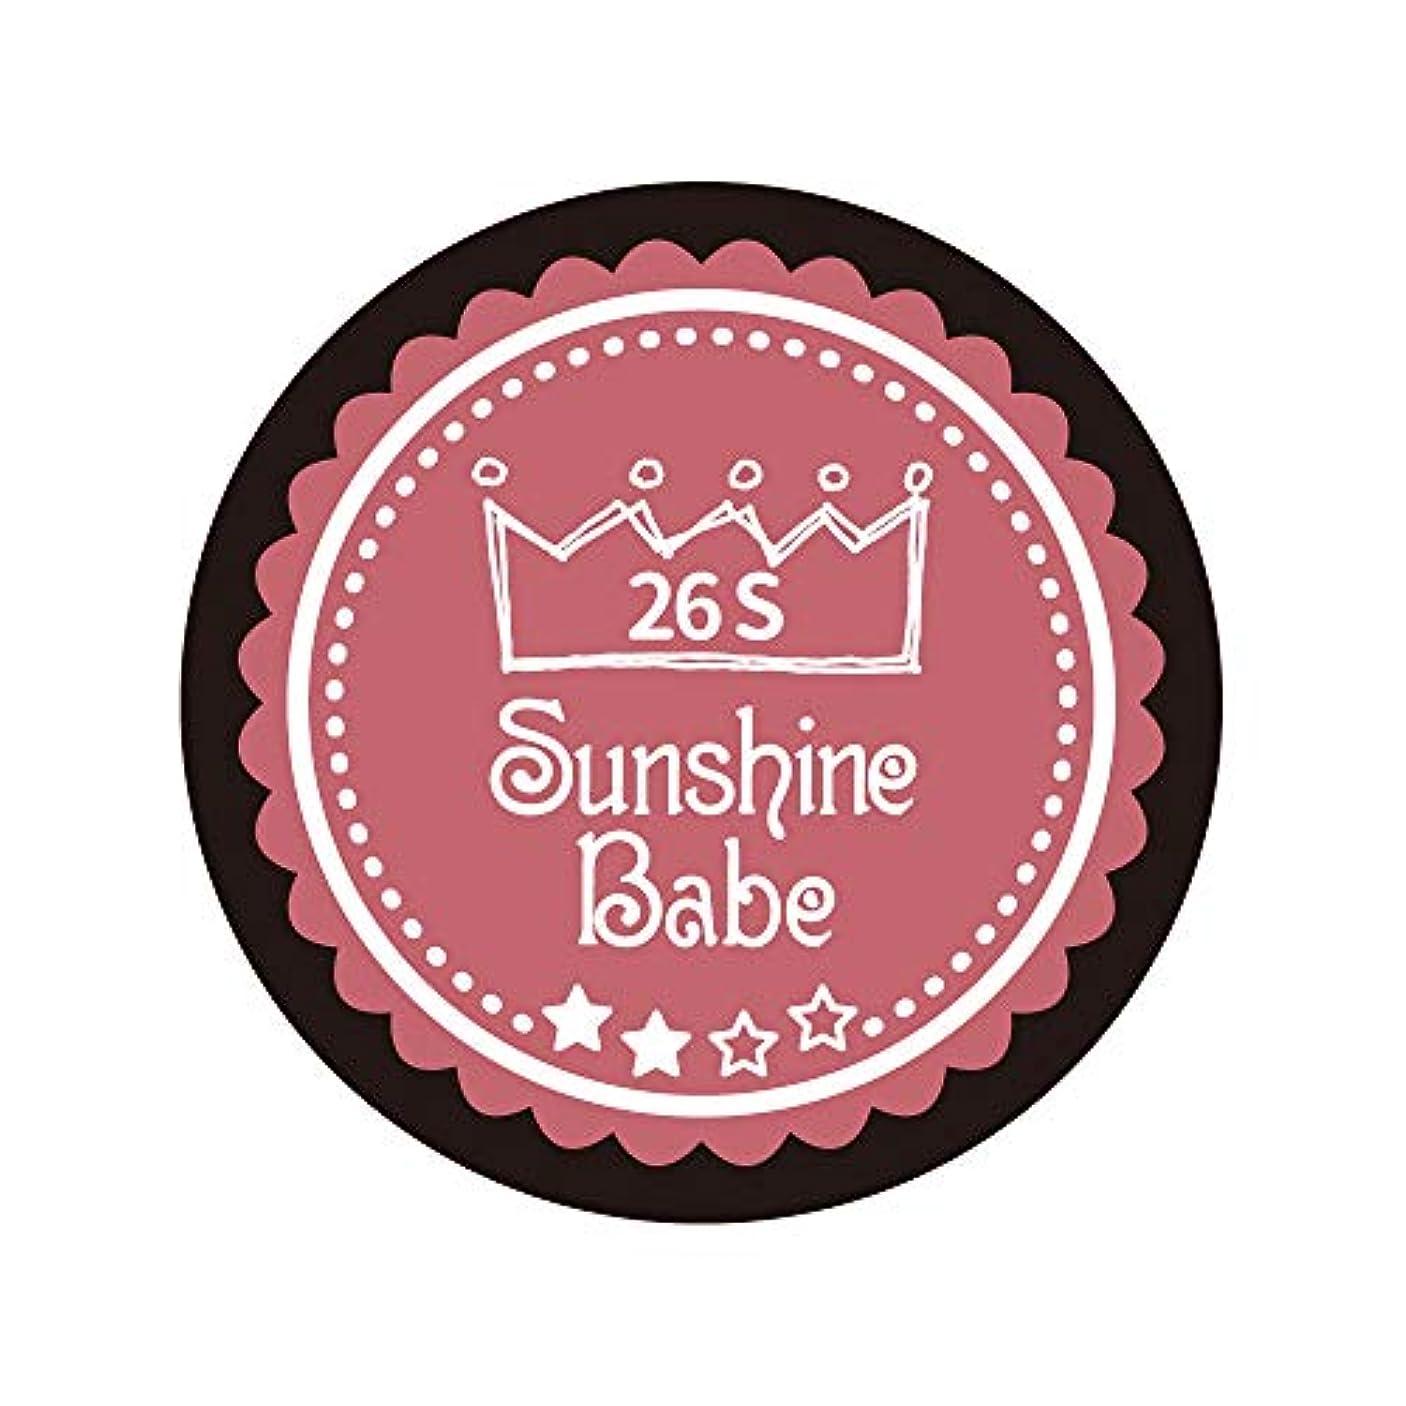 入る何十人も最初Sunshine Babe カラージェル 26S ダスティローズ 2.7g UV/LED対応